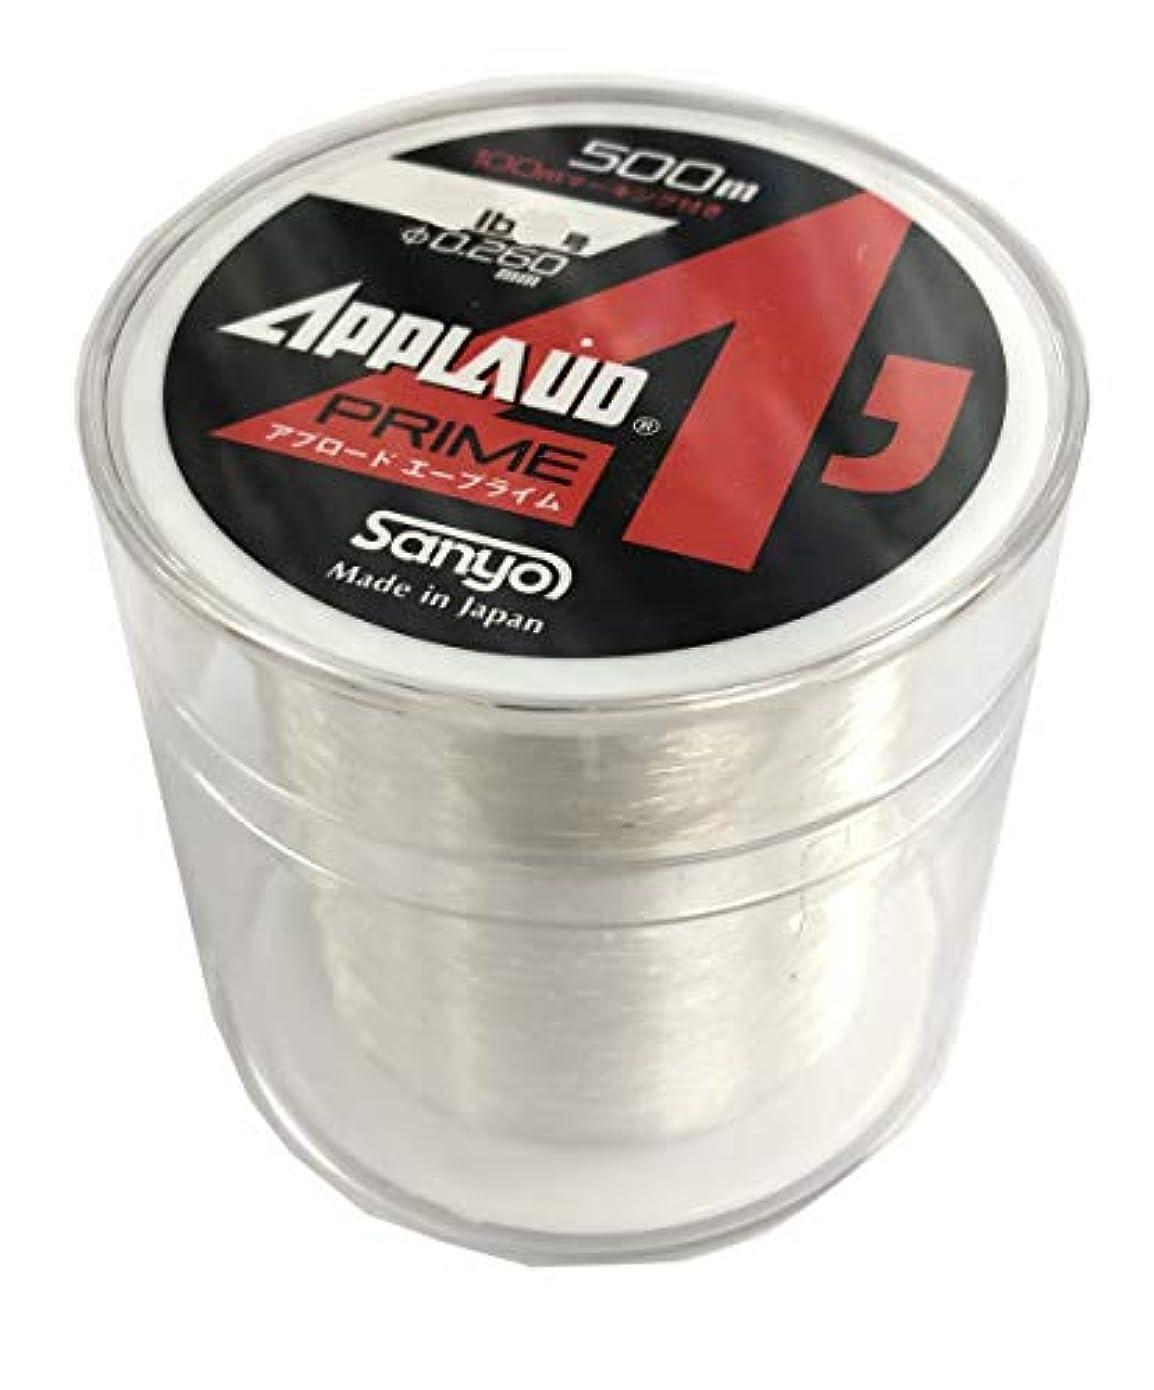 無し中毒電圧サンヨーナイロン ライン アプロード Aプライム ルアーフィッシング用ボビン巻ナイロンライン 12LB 3号 500m 12LB 3号 500m